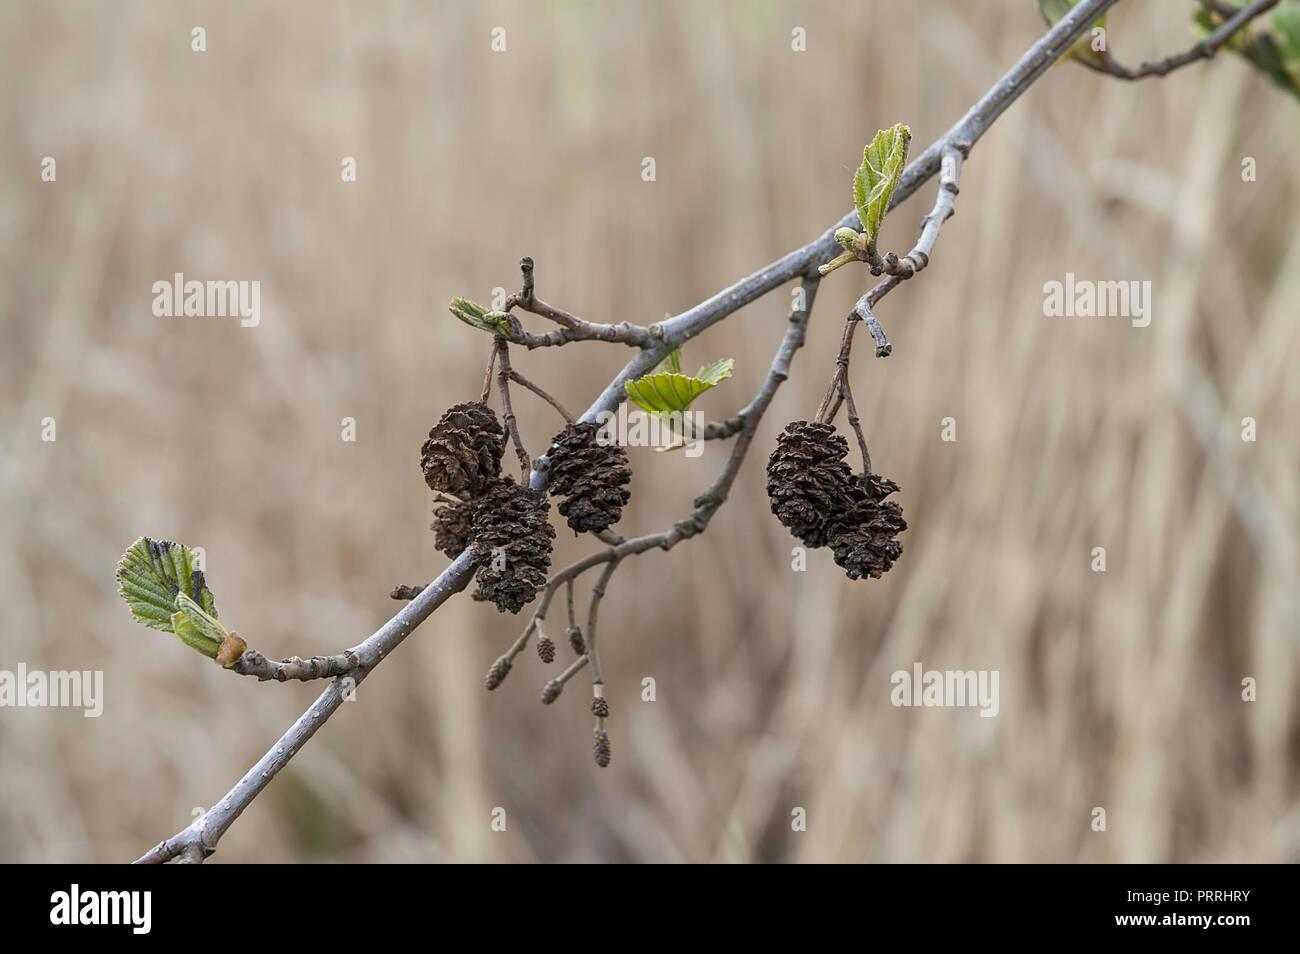 Spring alder branch in close-up. Wiosenna gałązka olszy w zbliżeniu. Stock Photo